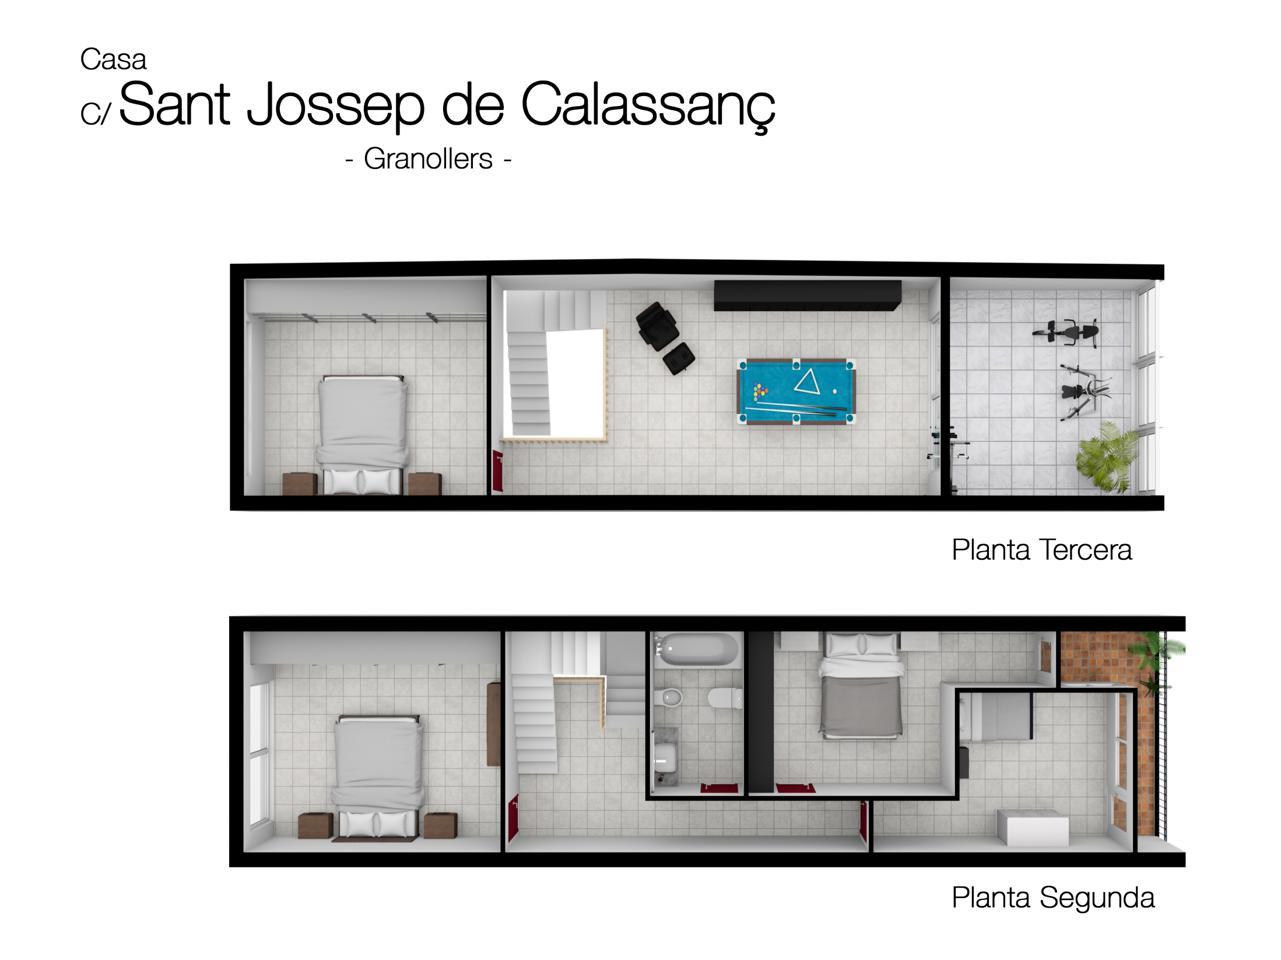 villa en granollers · carrer-sant-josep-de-calassanc-08402 390000€